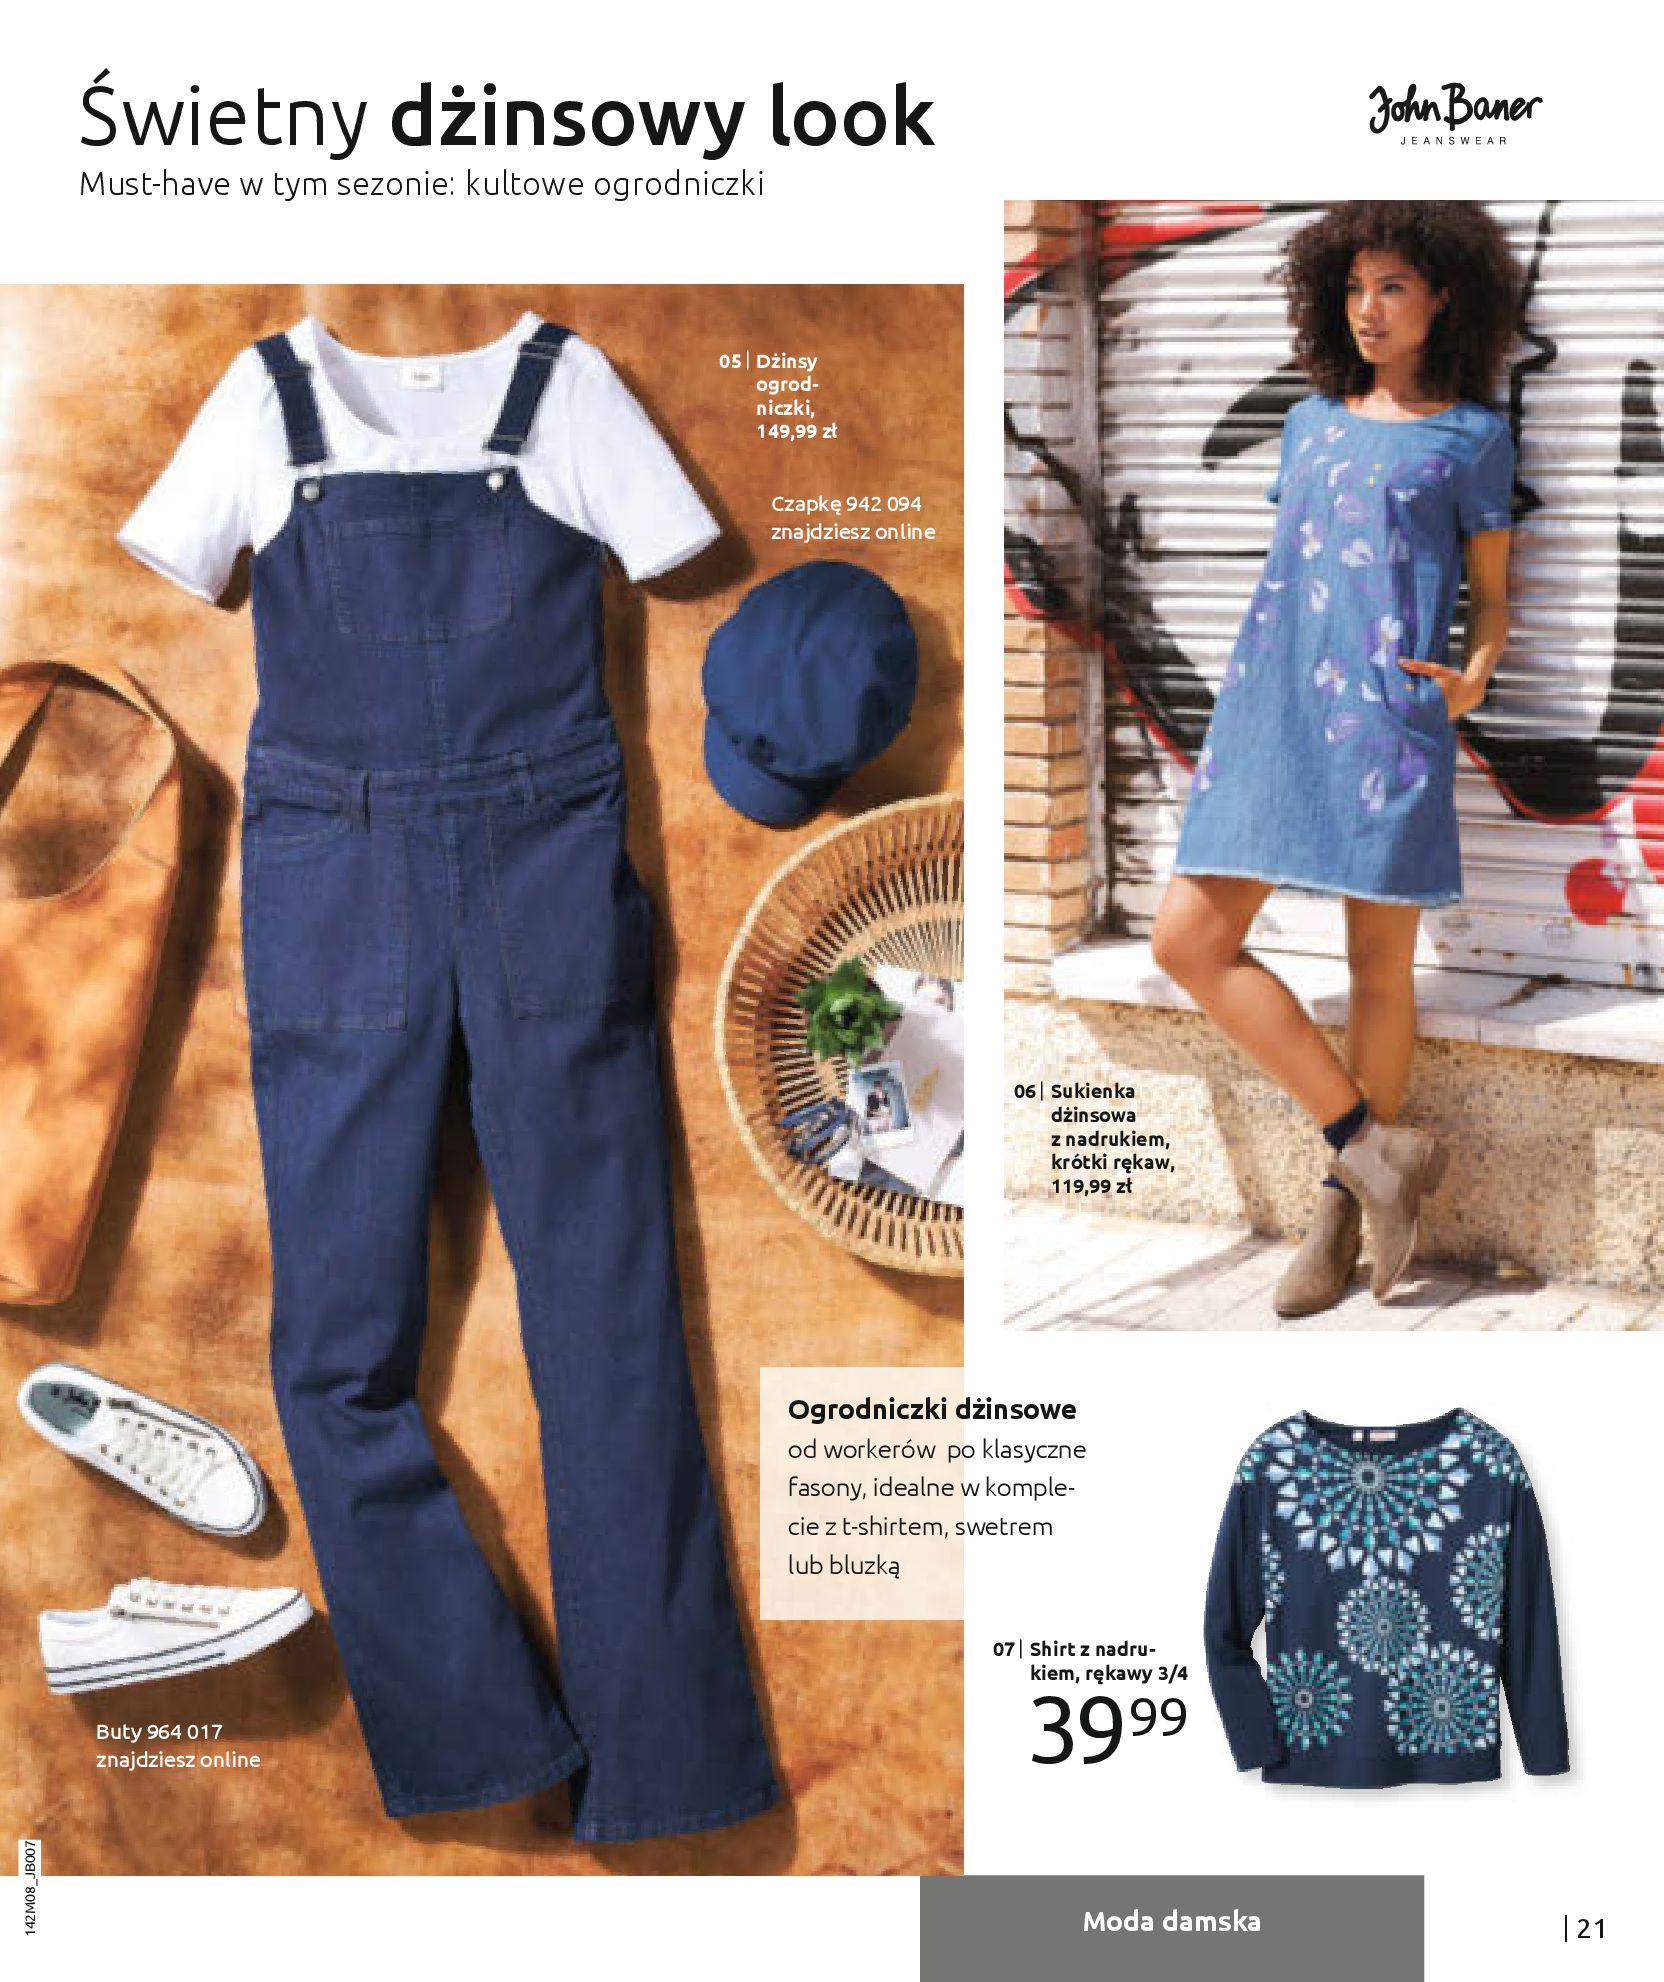 Gazetka Bonprix - Hity dżinsowej mody!-25.08.2020-10.02.2021-page-23